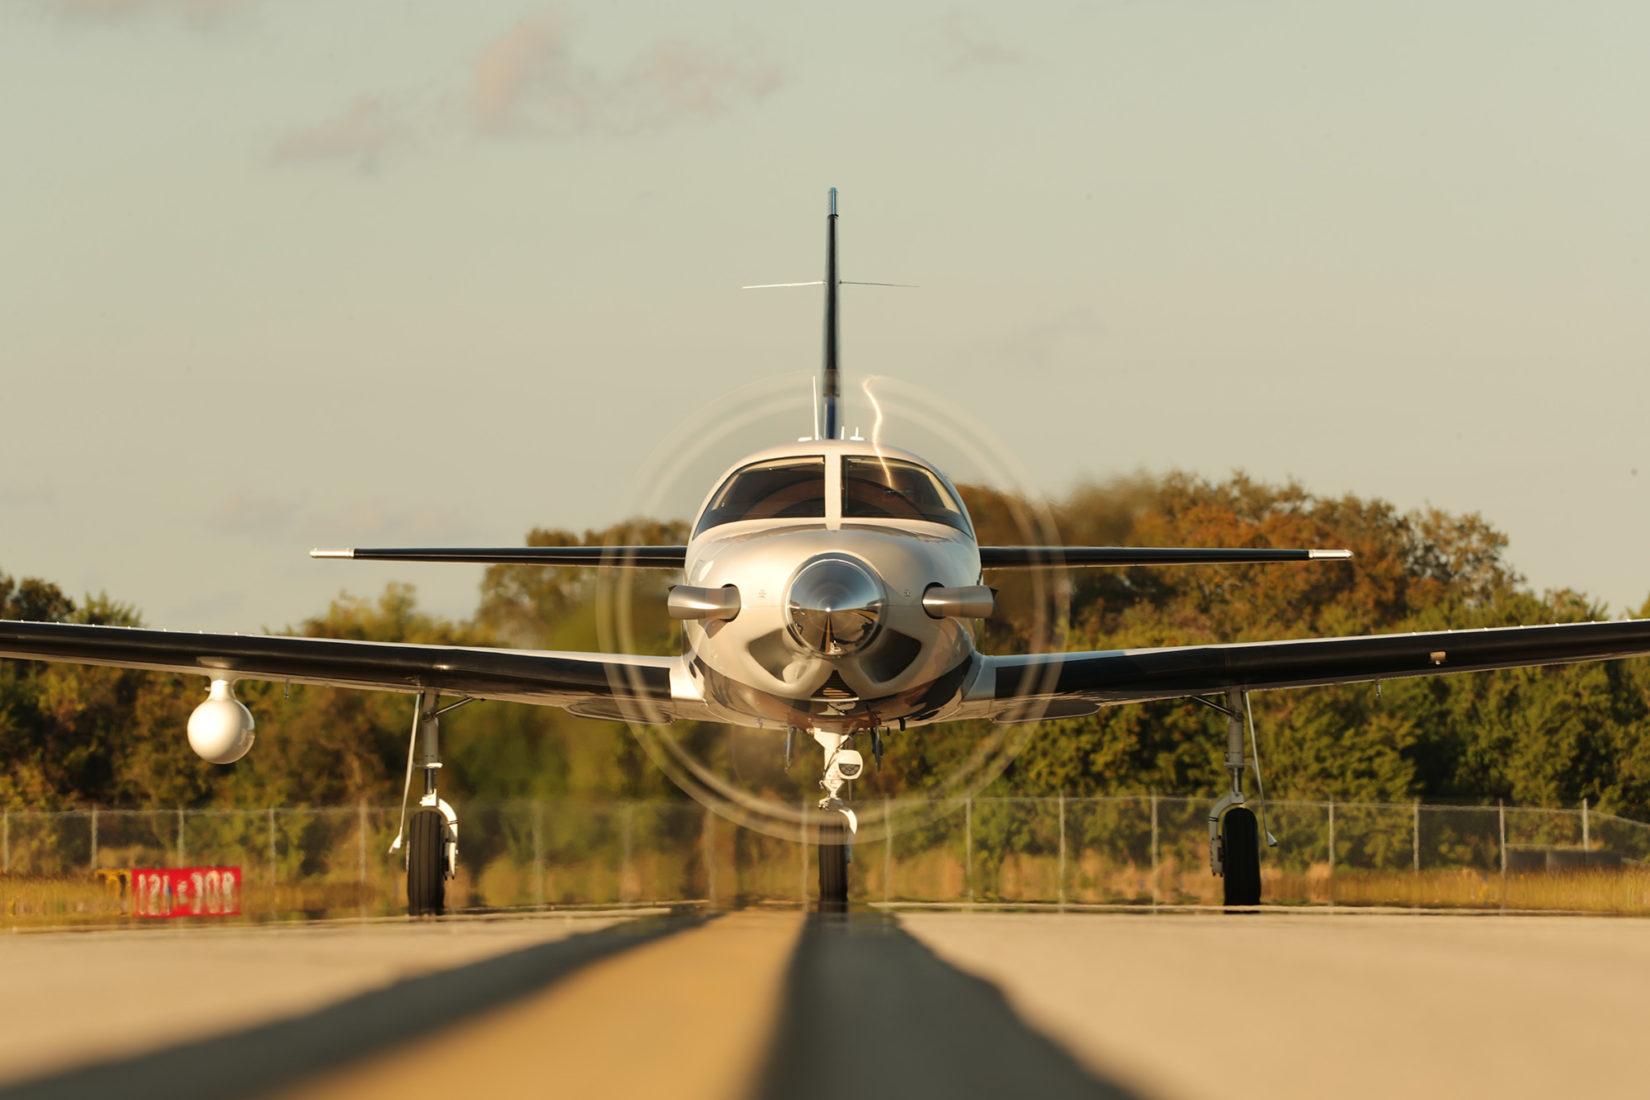 Piper M500 aircraft